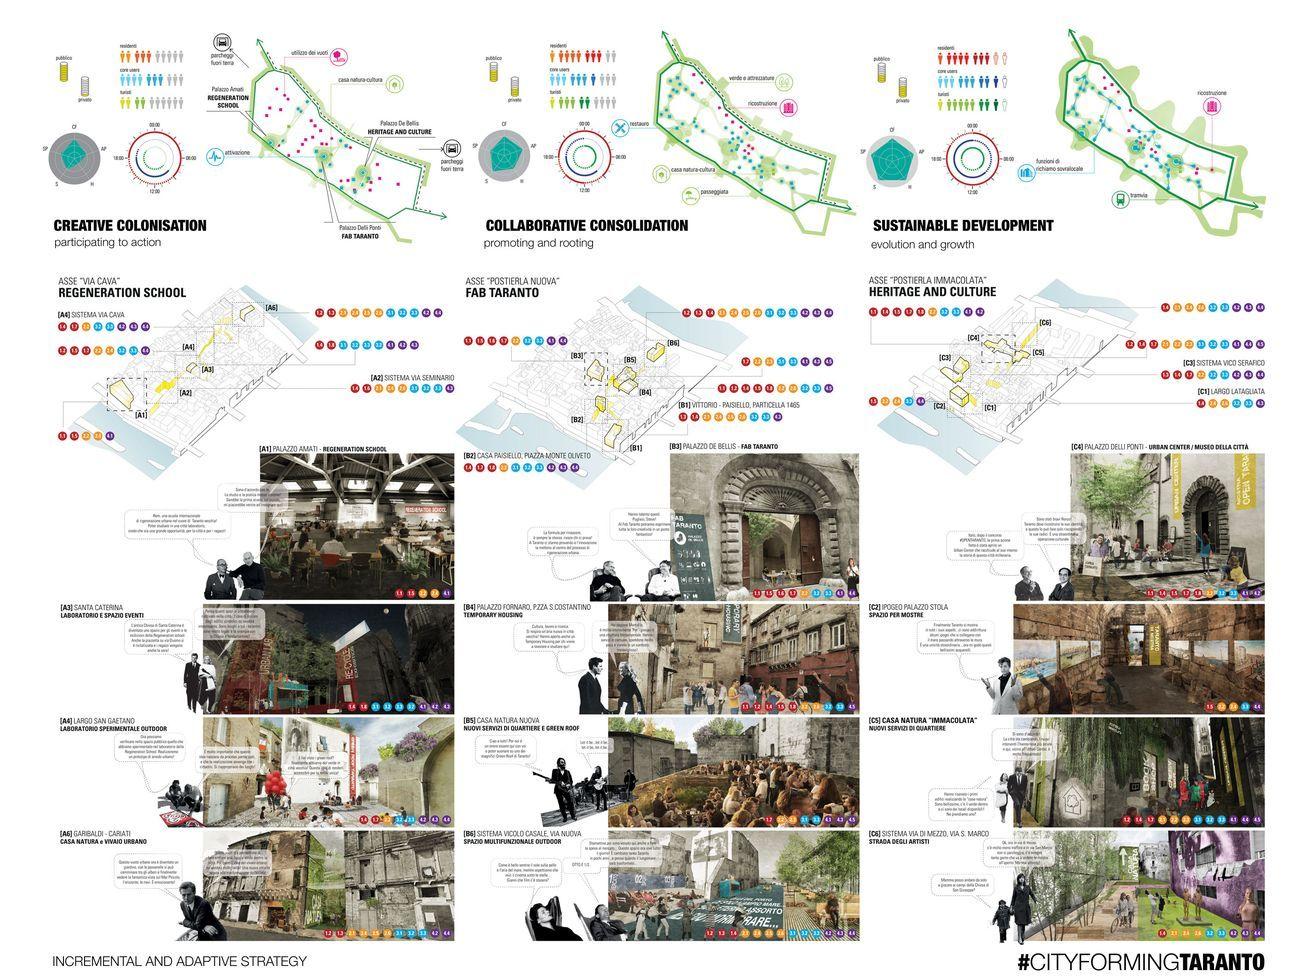 Applicazione del Cityforming Protocol (ideato da Maurizio Carta) alla proposta per la rigenerazione e rinascita della Città Vecchia di Taranto, 2017